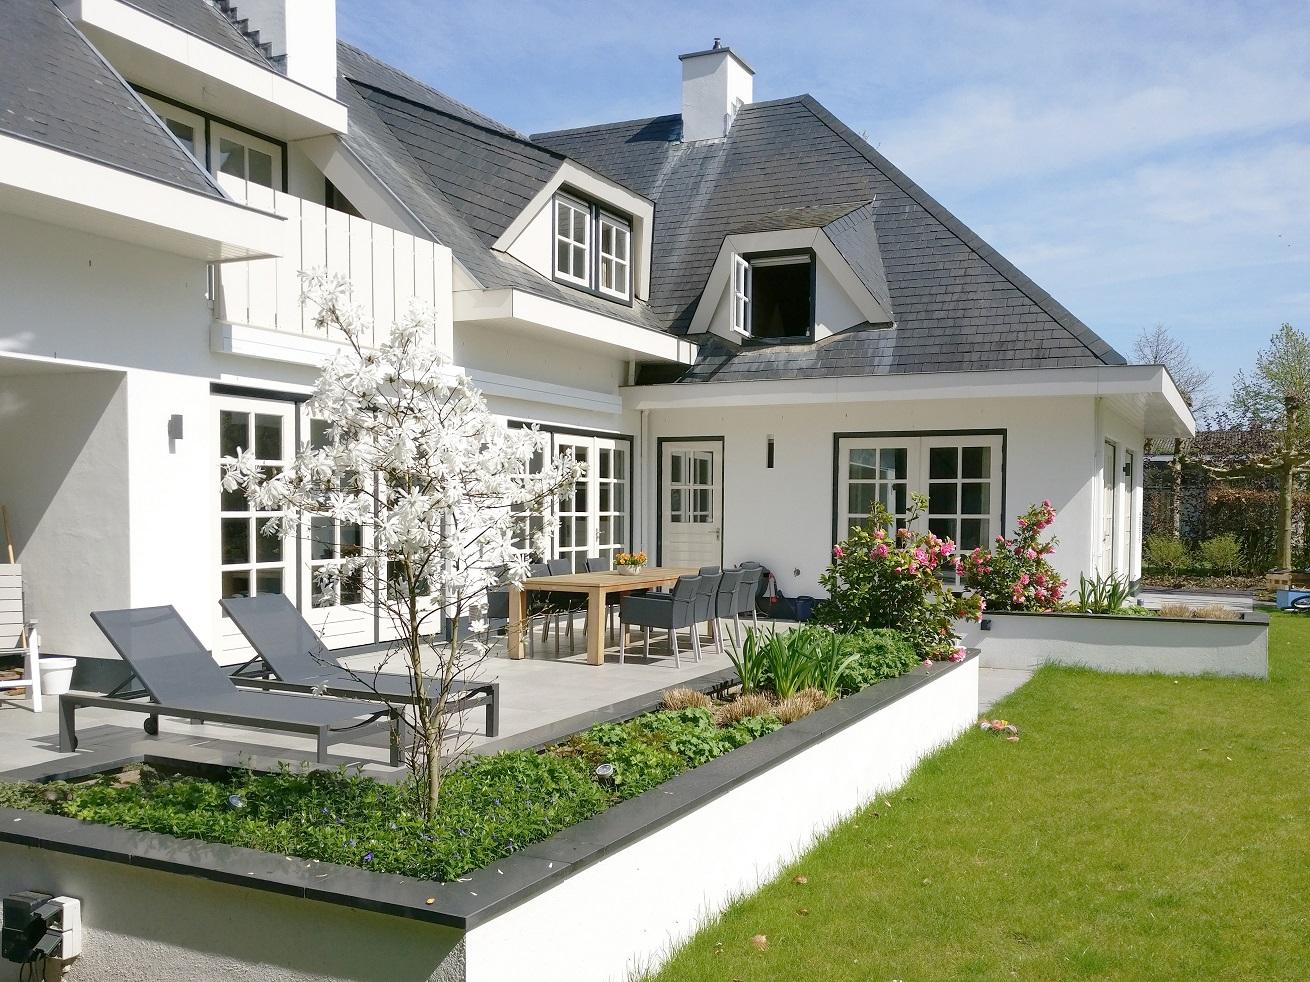 Exclusieve tuinen en levensechte d ontwerpen √ bijzonder en